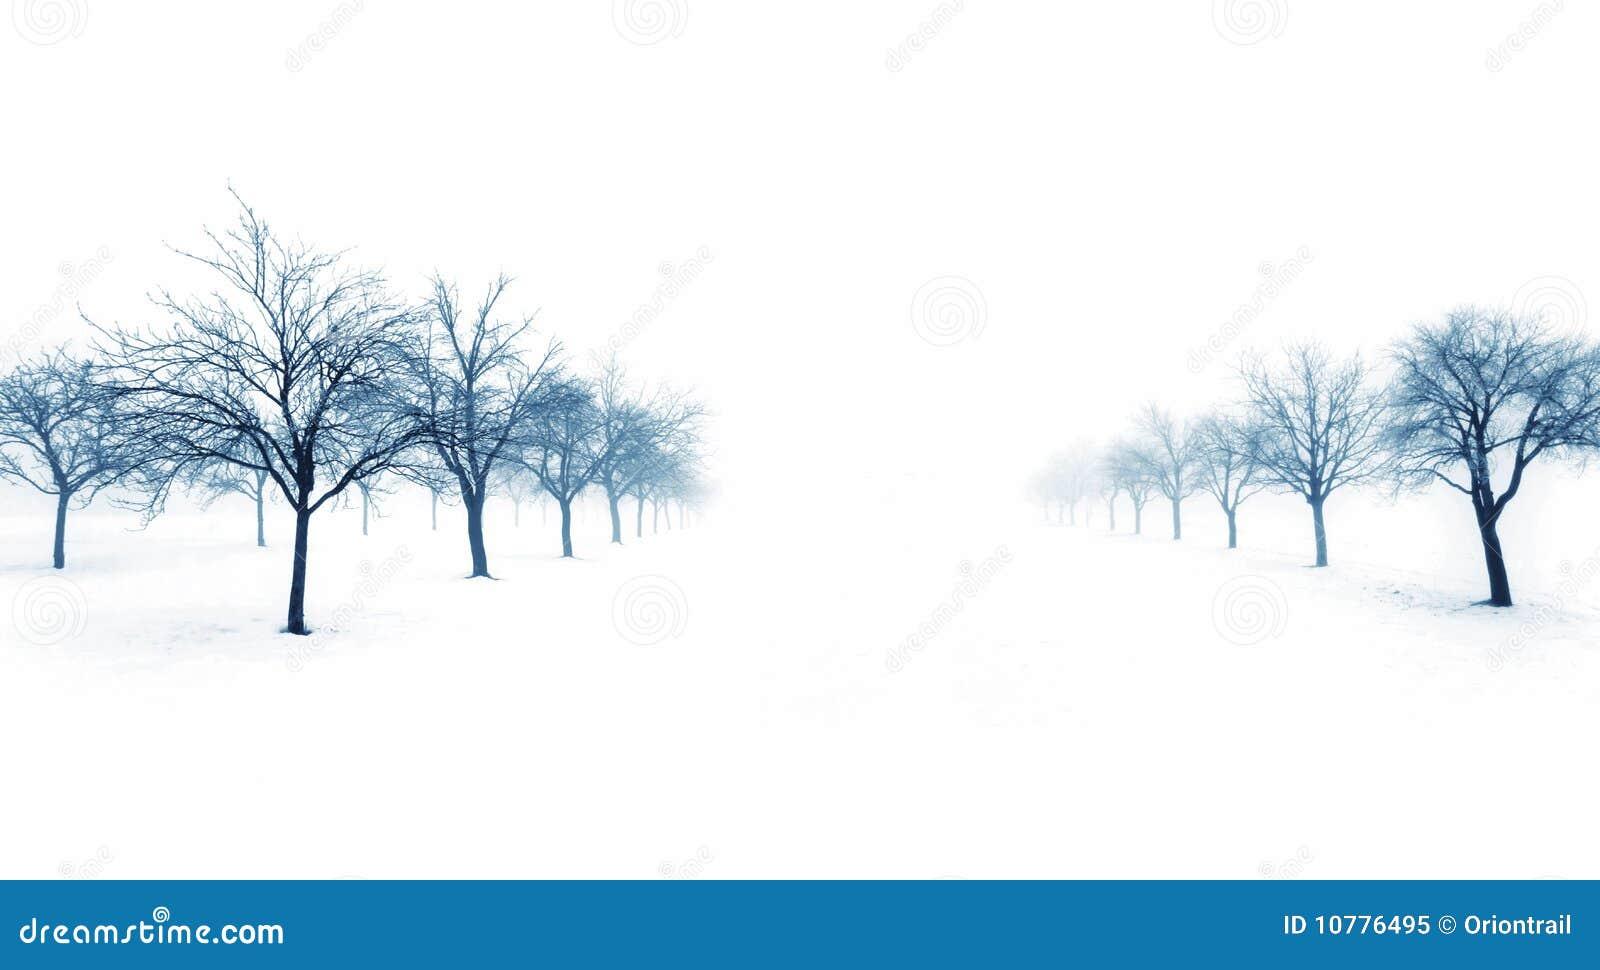 Bomen in sneeuw